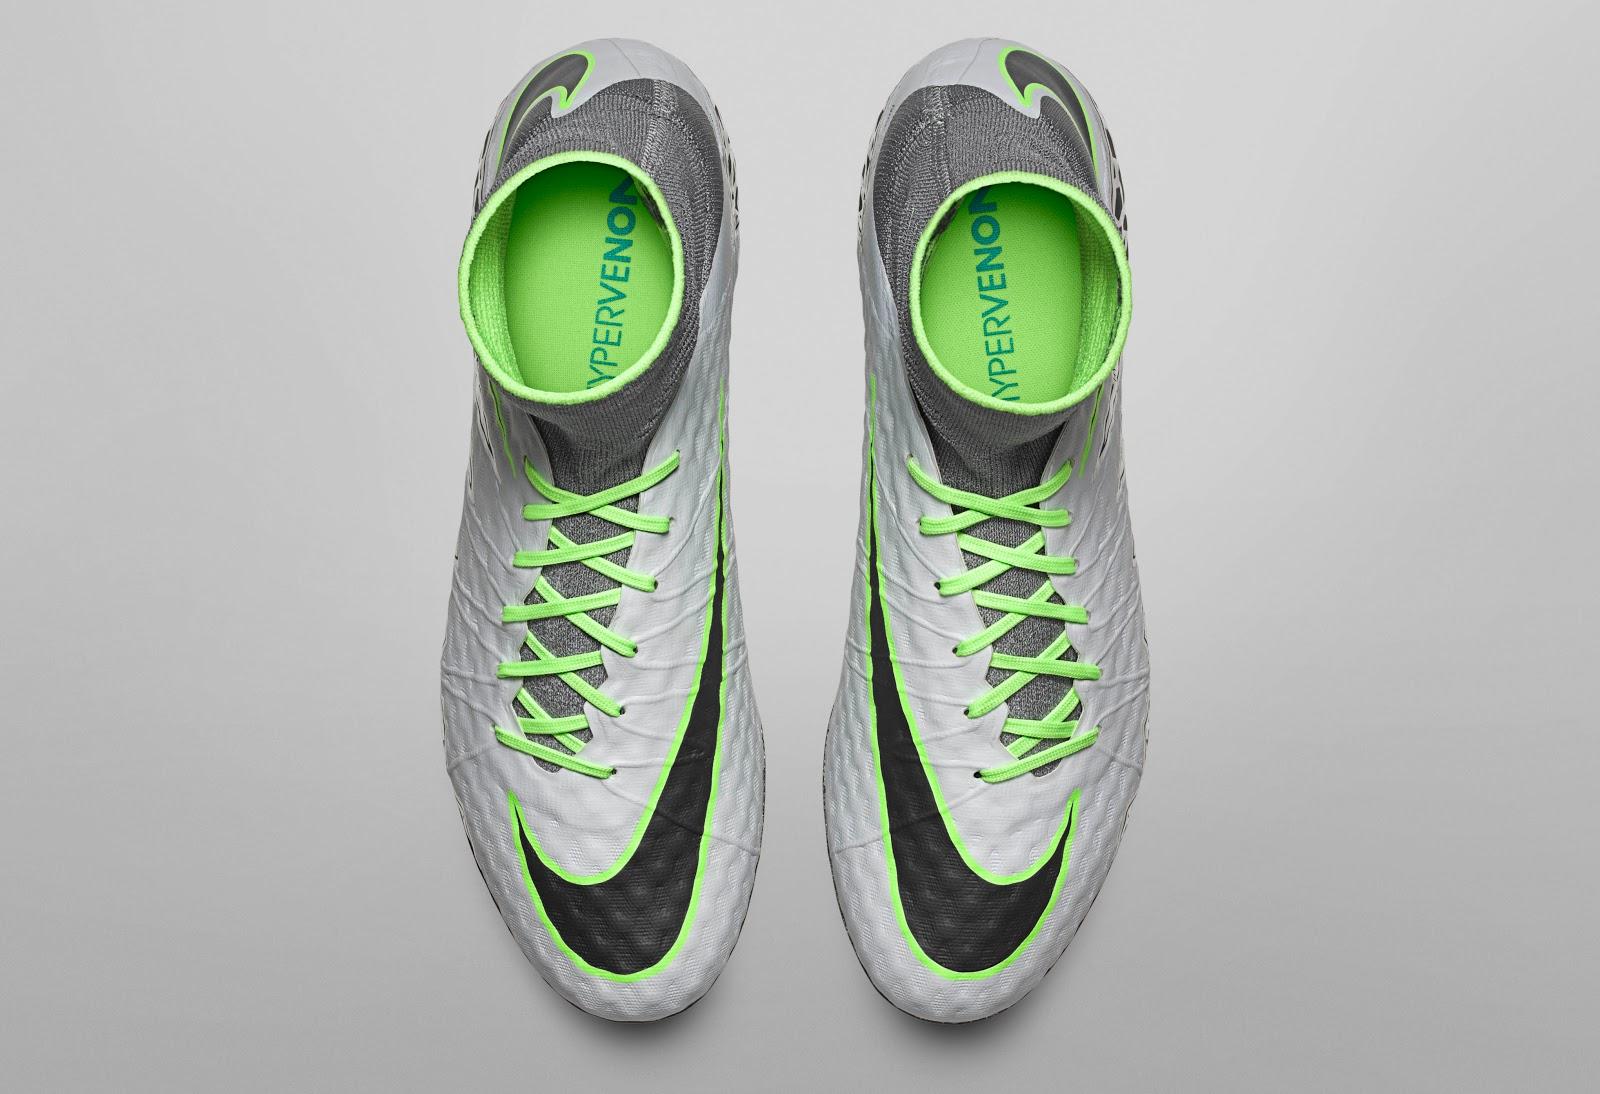 promo code 9d228 1e206 ... Die hellgrauen Nike Hypervenom Phantom Fußballschuhe, die ab dem 16.  August 2016 erhältlich sein ...